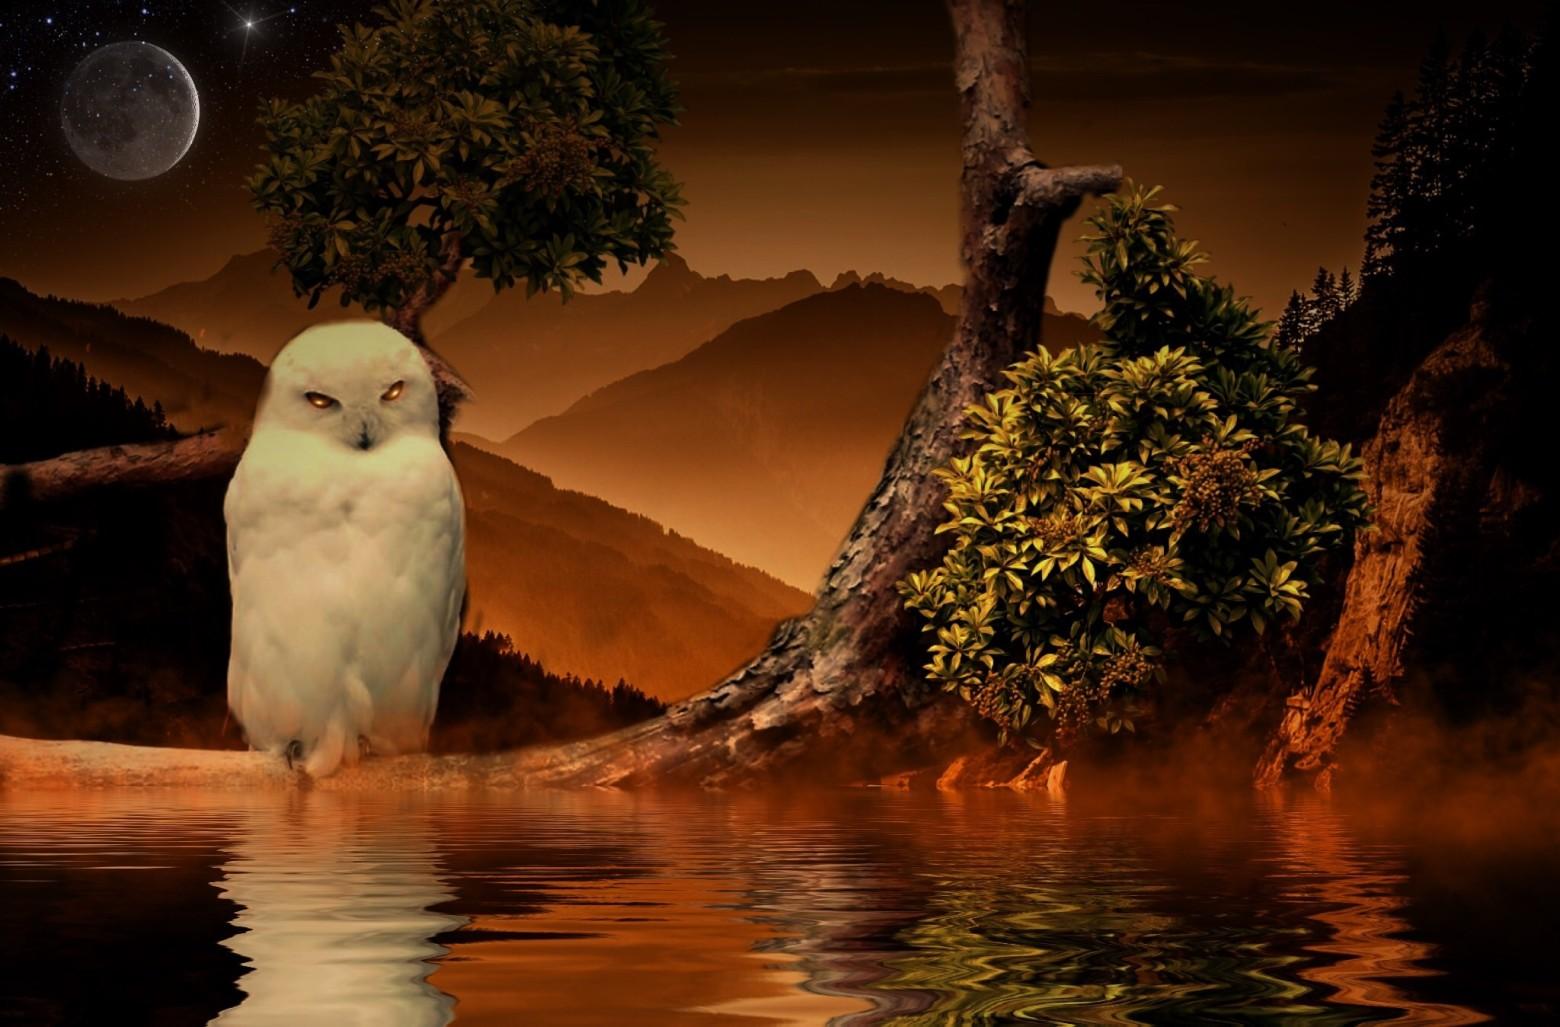 Photos gratuites fond d 39 cran chouette mystique oiseau images gratuites et libres de droits - Image de chouette gratuite ...